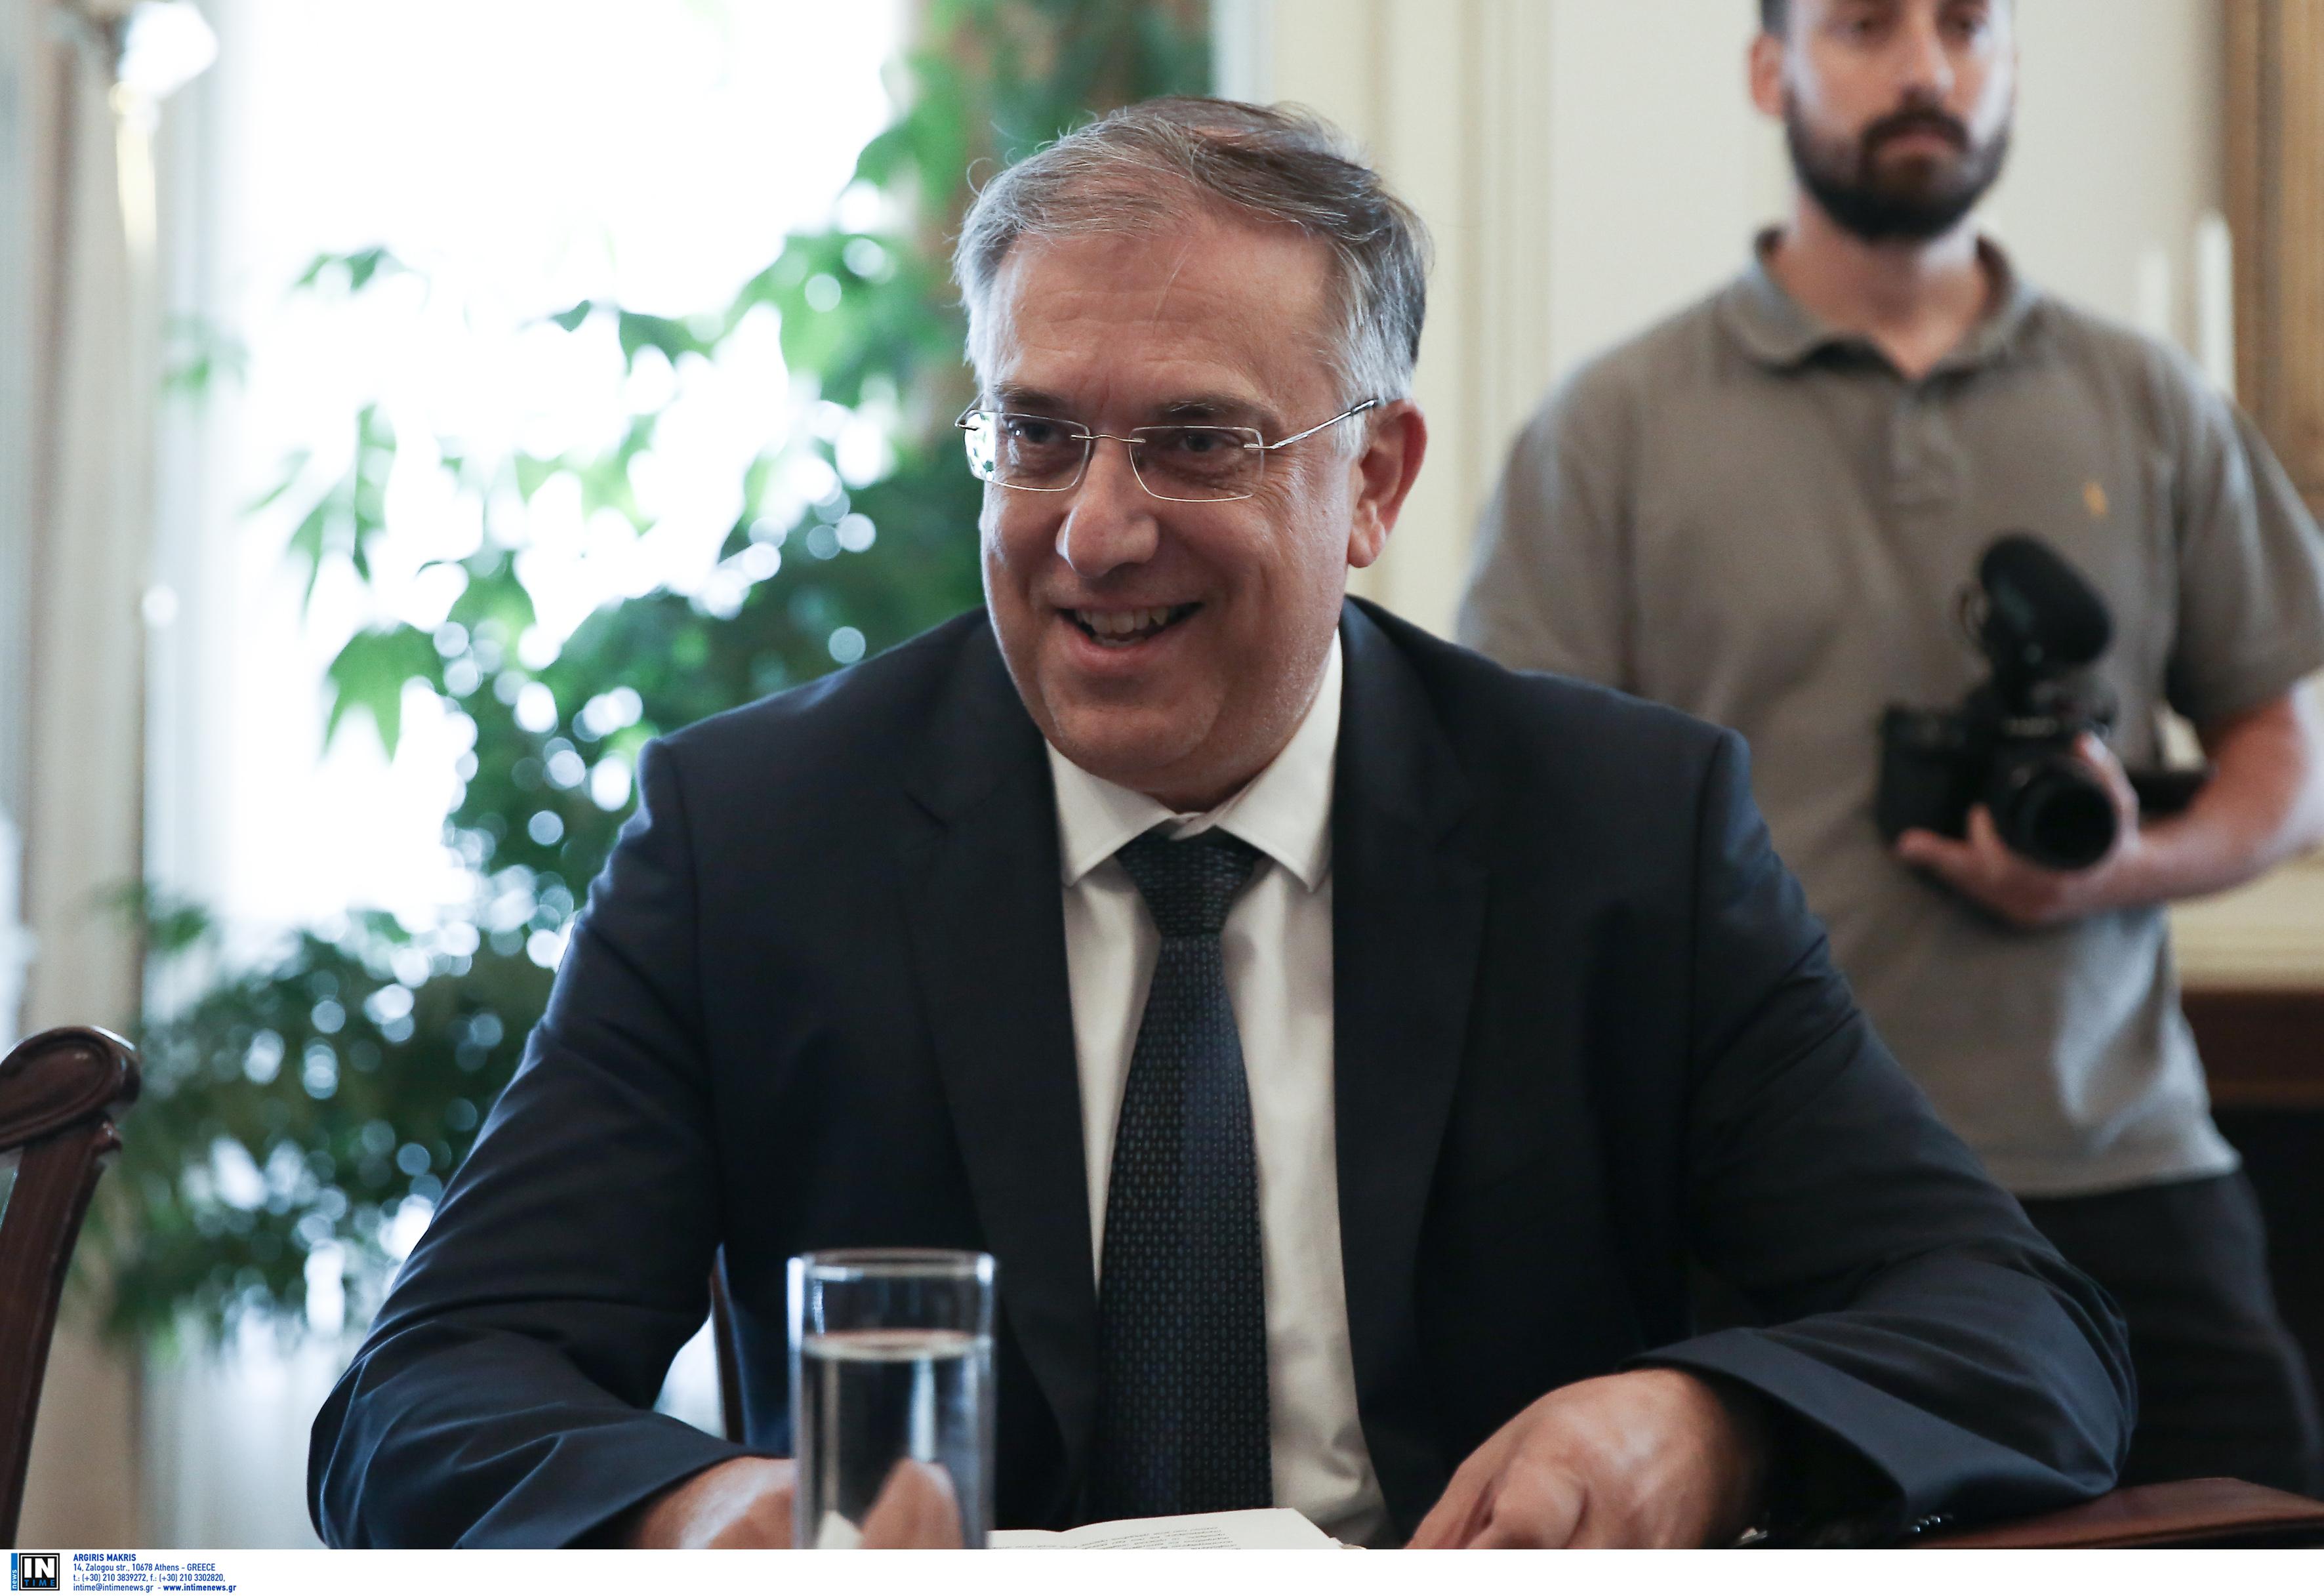 Θεοδωρικάκος - Ψήφος Ελλήνων Εξωτερικού